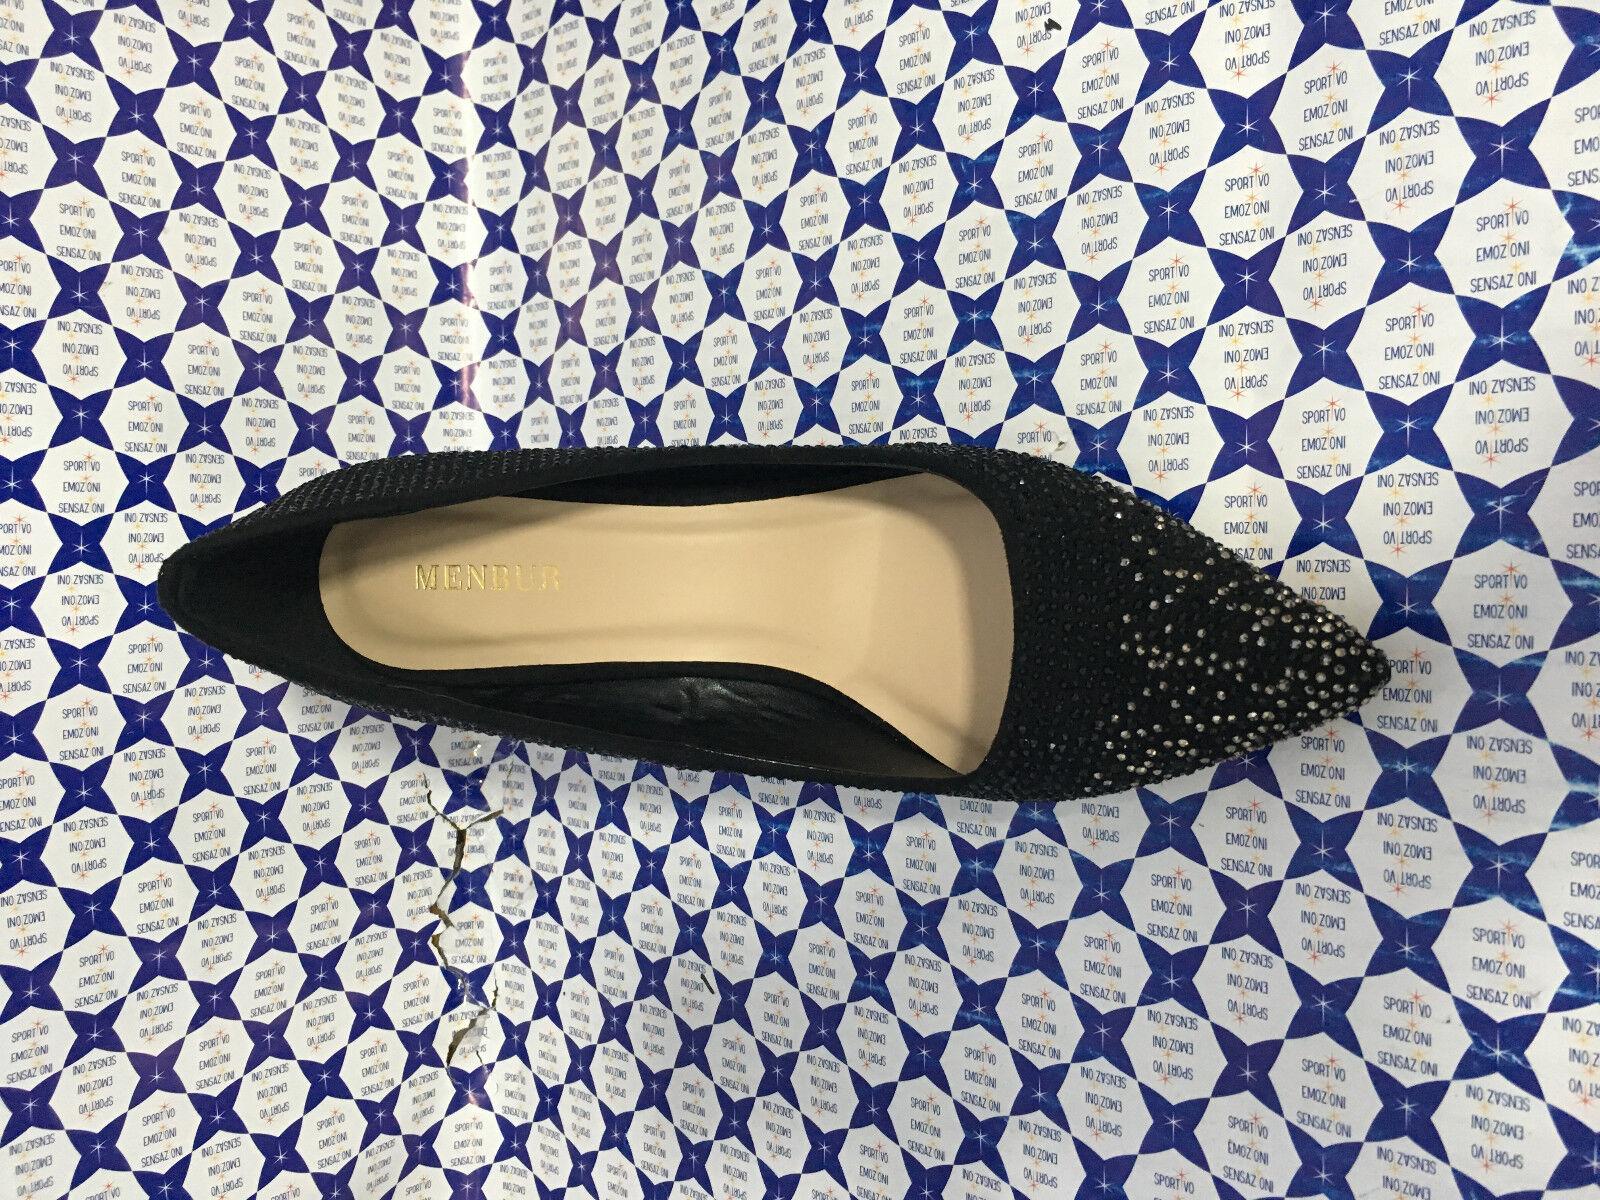 Schuhe Decoltè Tacco 10 Menbur Damenschuhe - Decoltè Schuhe Punta Total Strass - Nero - 7691 3ca97b